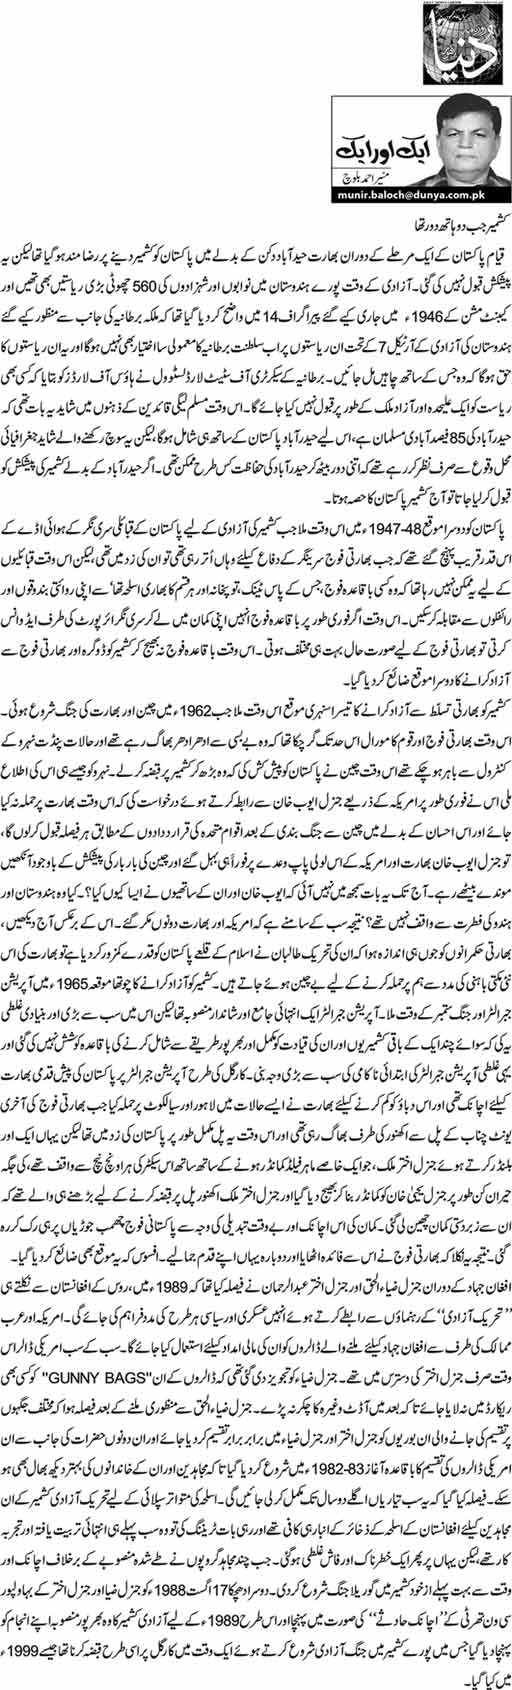 Kashmir Jab 2 Hath Door Tha - Munir Ahmed Baloch